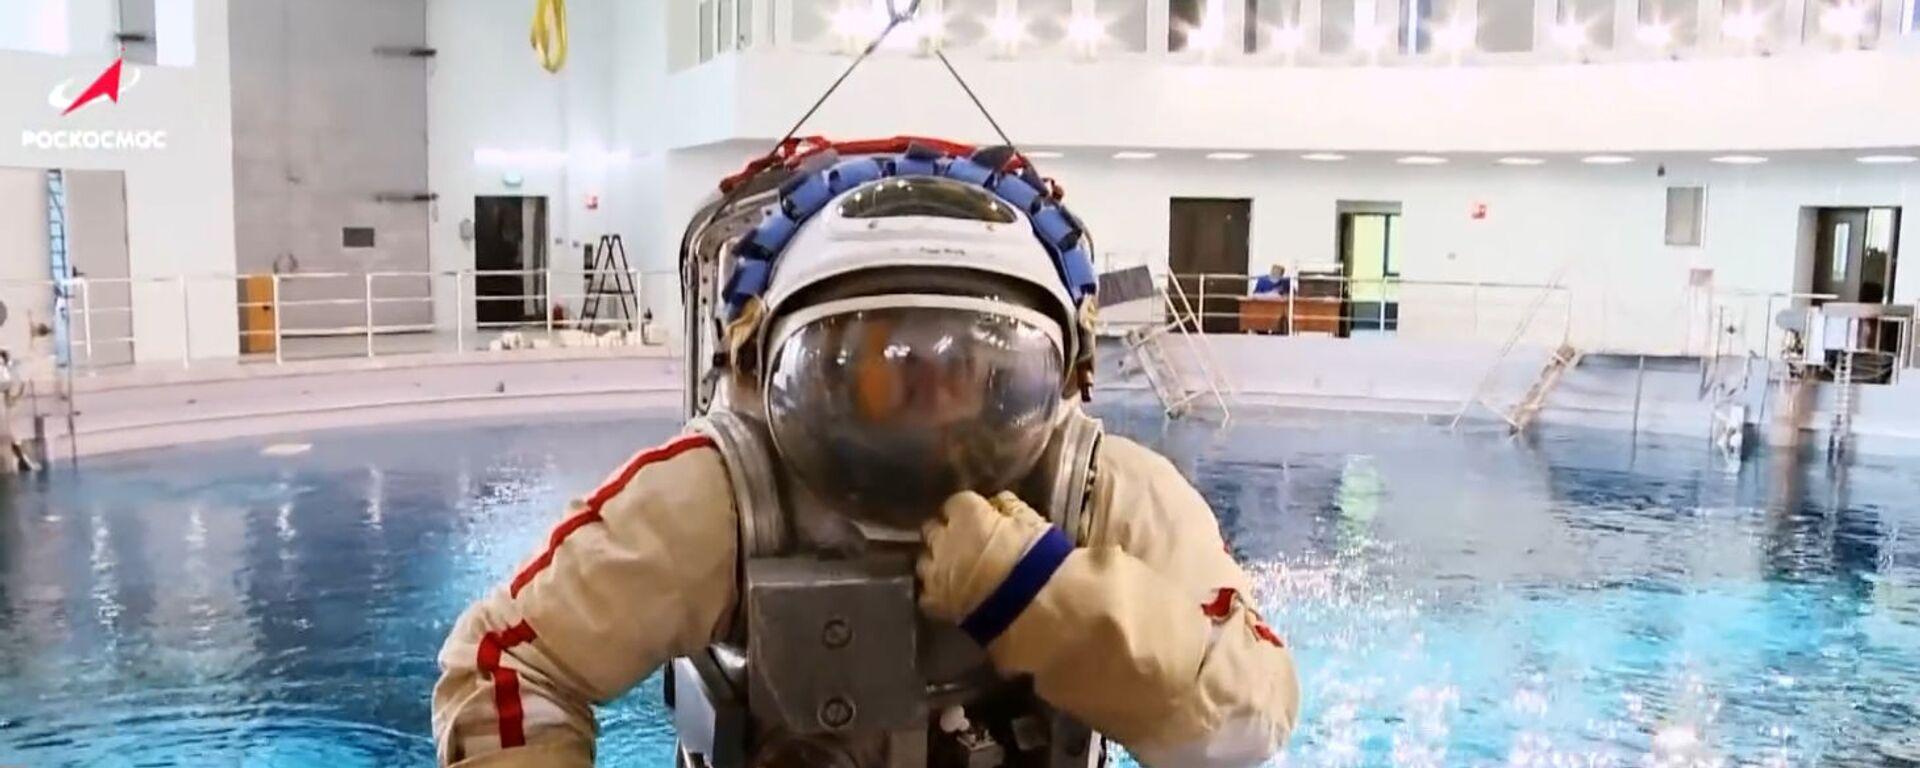 Υποβρύχιος κόσμος: Έτσι μαθαίνουν οι κοσμοναύτες να περπατούν στο διάστημα - Sputnik Ελλάδα, 1920, 18.07.2020